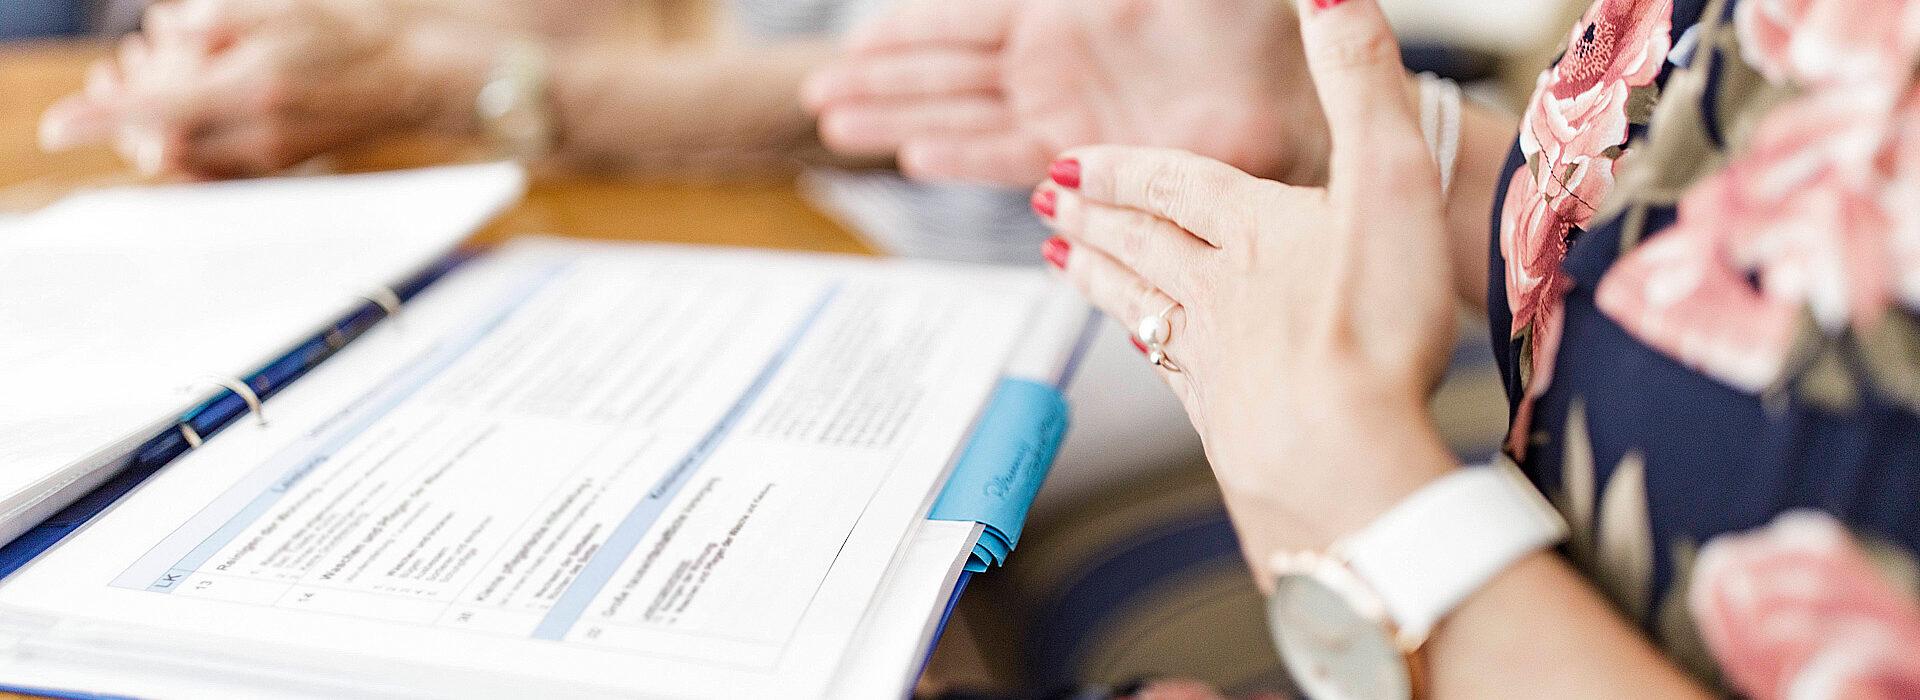 Foto: Gestikulierende Damenhände über einen Ordner - Schuldenberatung Diakonie Münster